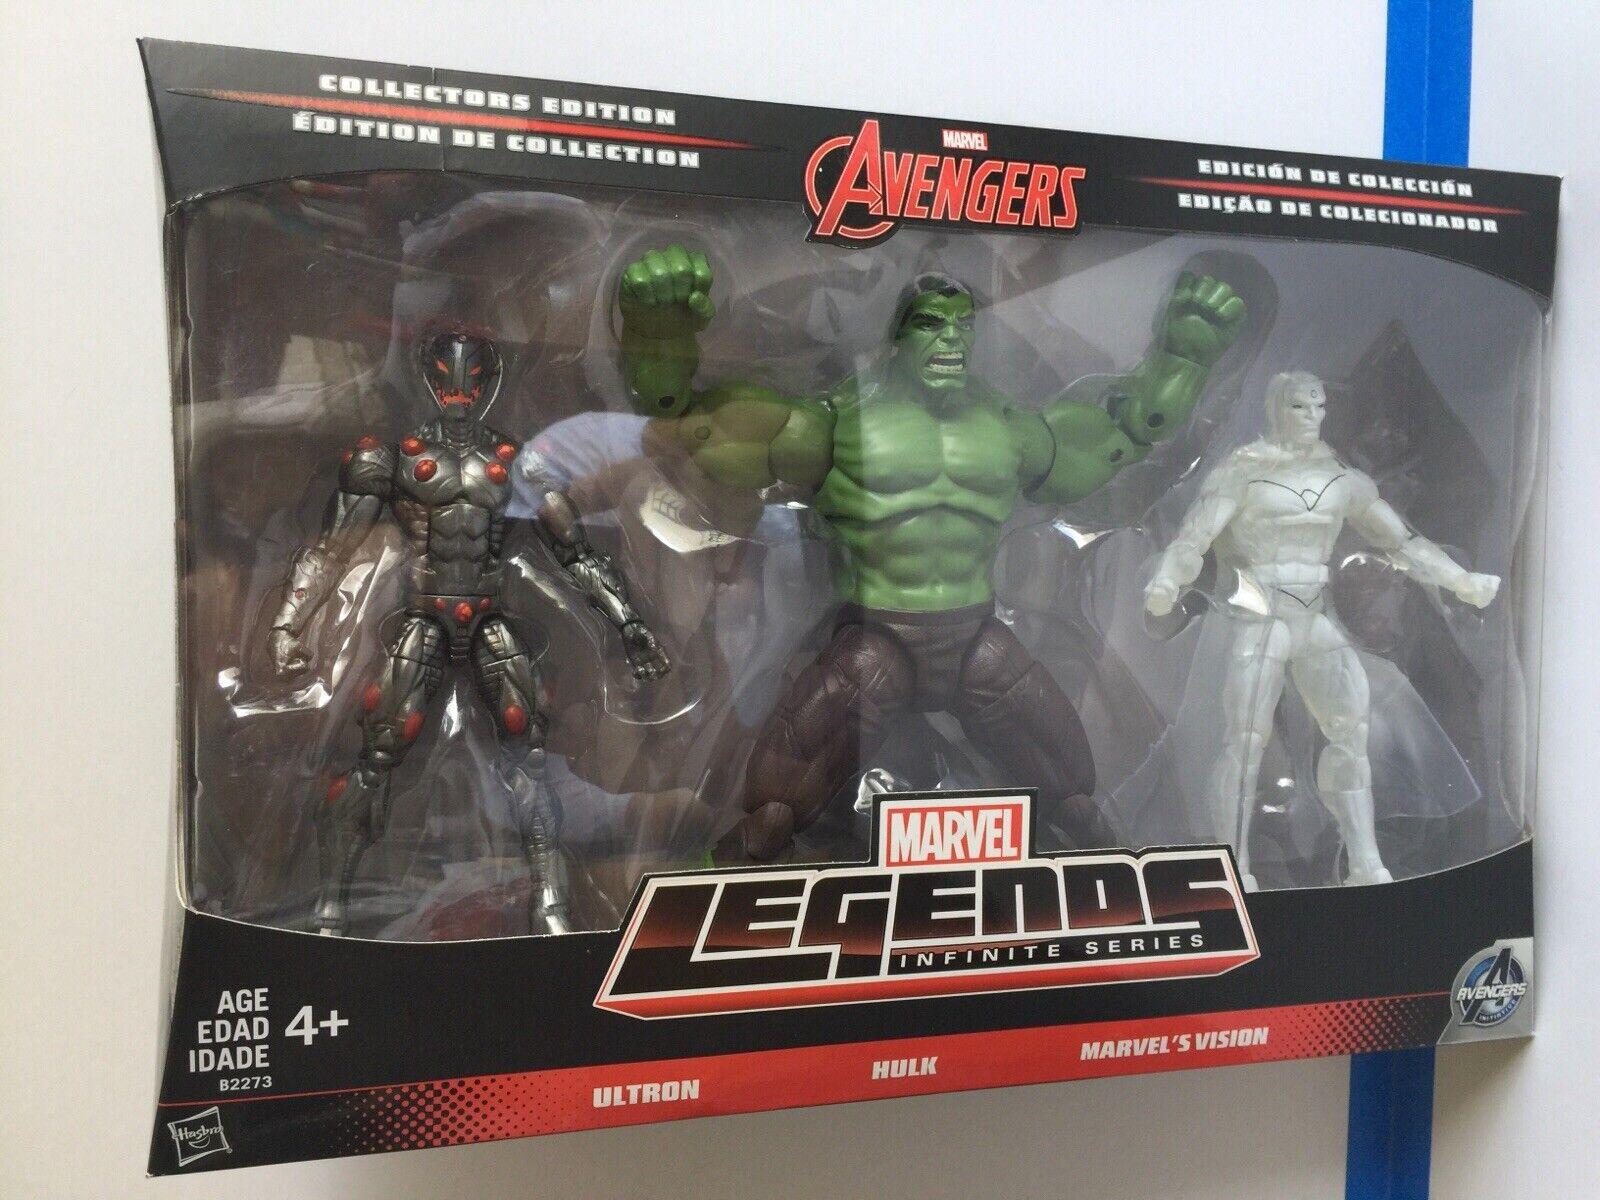 Marvel Avengers Marvel Legends Avengers Infinite Series 1 Ultron Hulk /& Marvels Vision 6 Action Figure 3-Pack Hulk /& Marvel/'s Vision 6 Action Figure 3-Pack Hasbro Toys